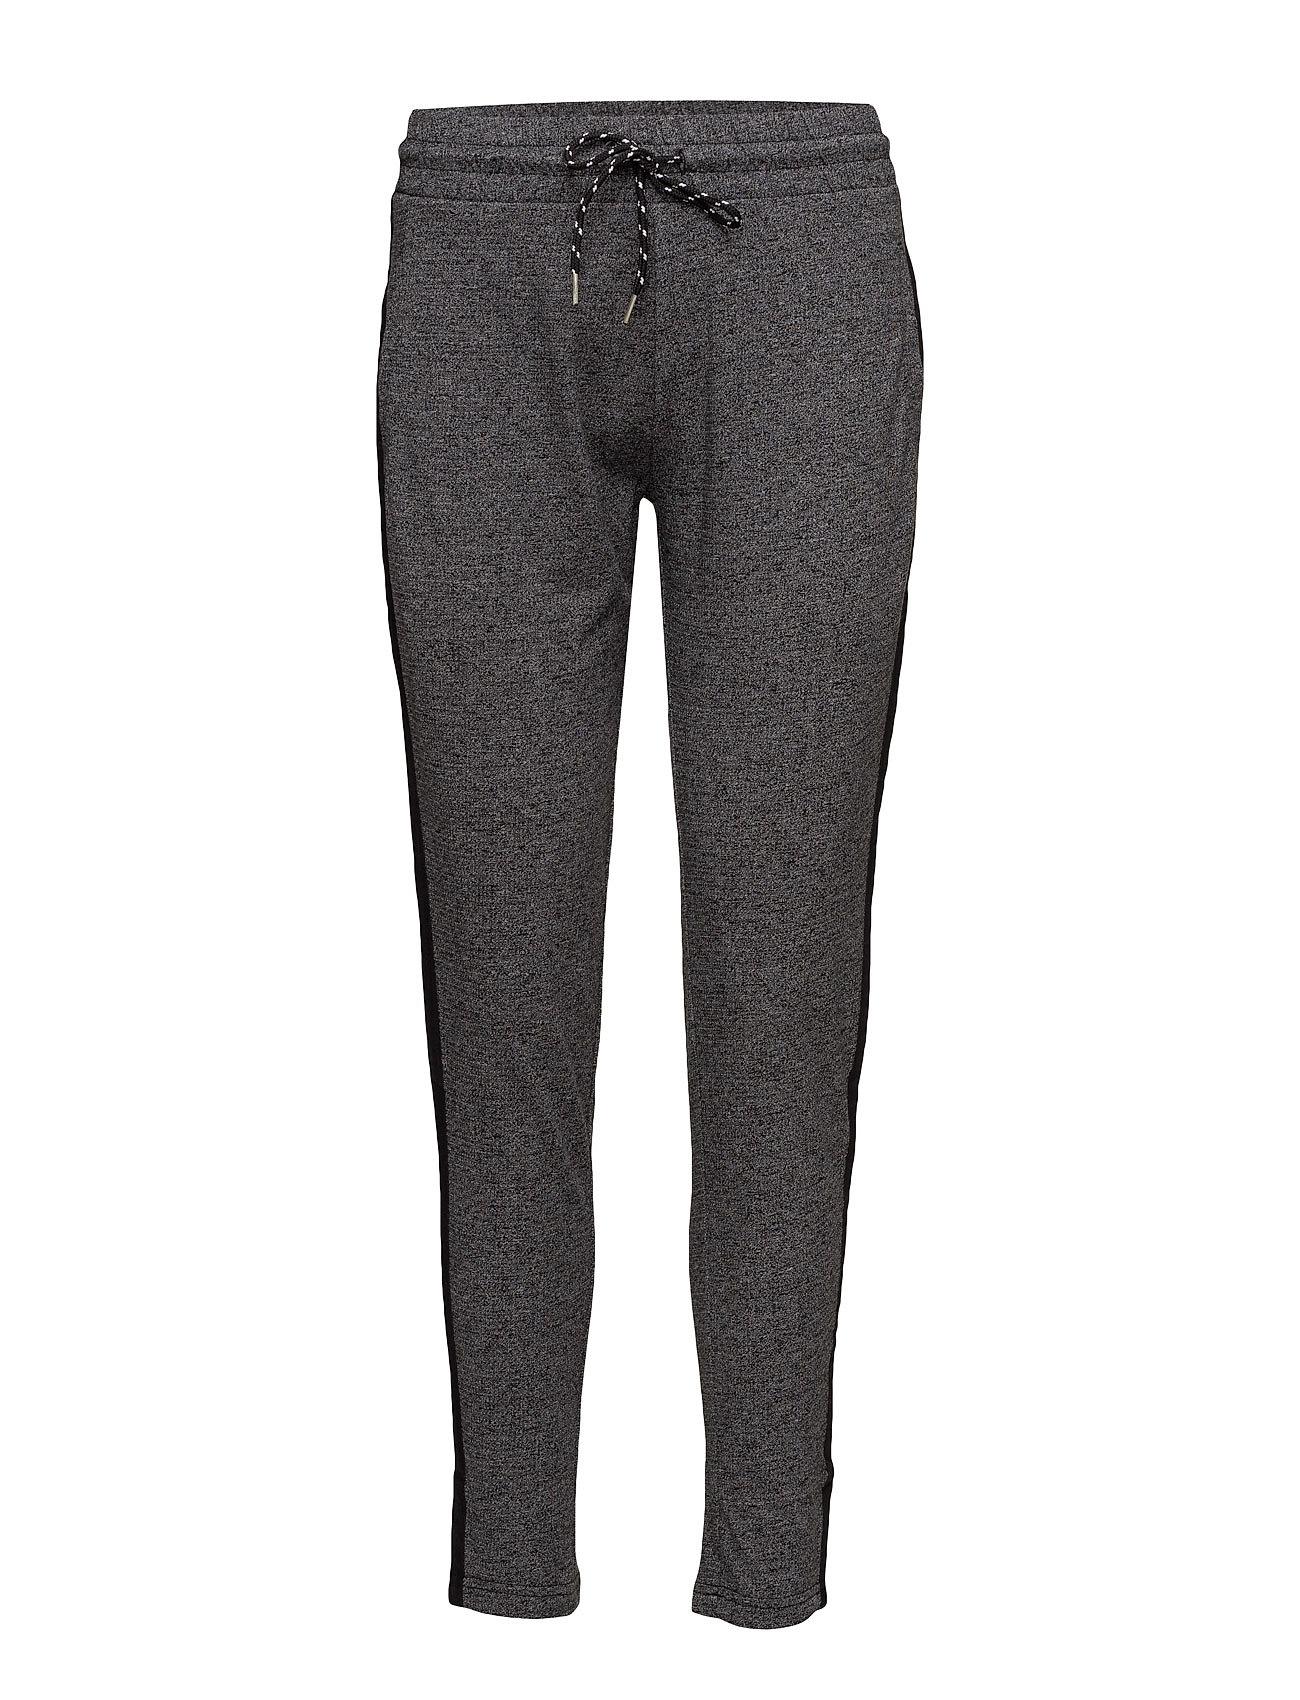 Drawstring Baggy Trousers Mango Sports Træningsbukser til Damer i Mørkegrå